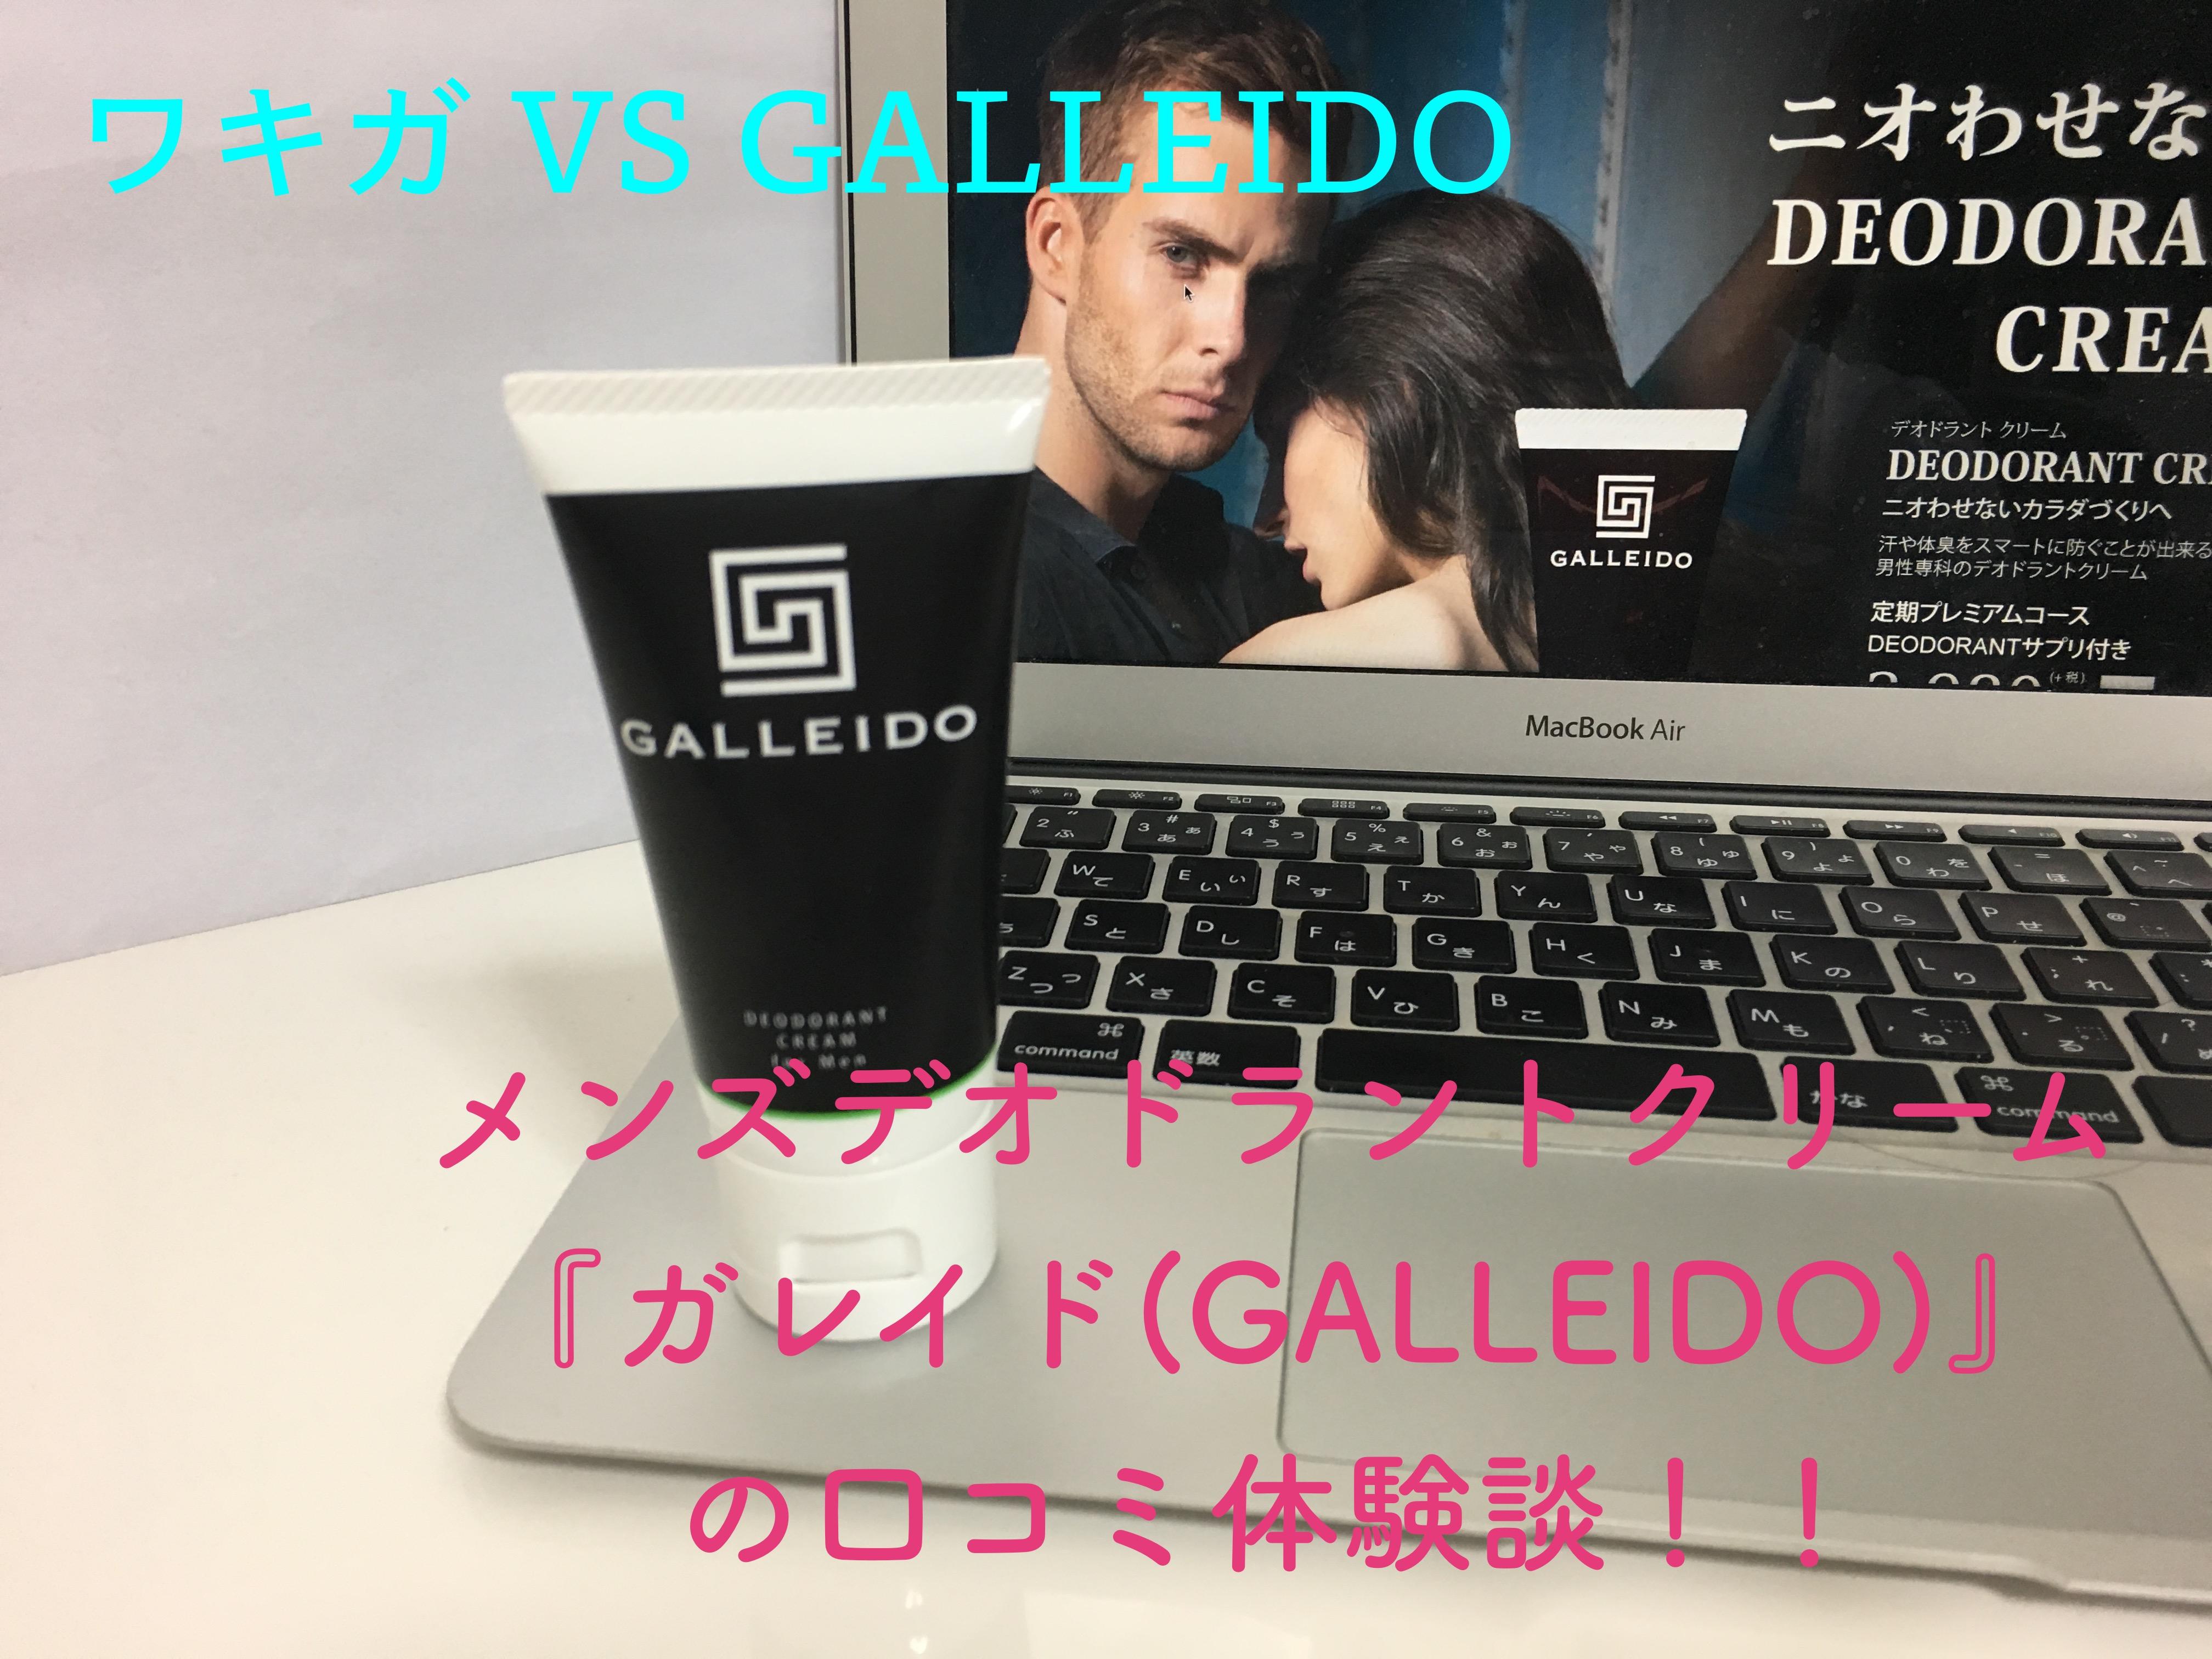 もうニオわない!デオドラント『ガレイド(GALLEIDO)』の口コミ体験談